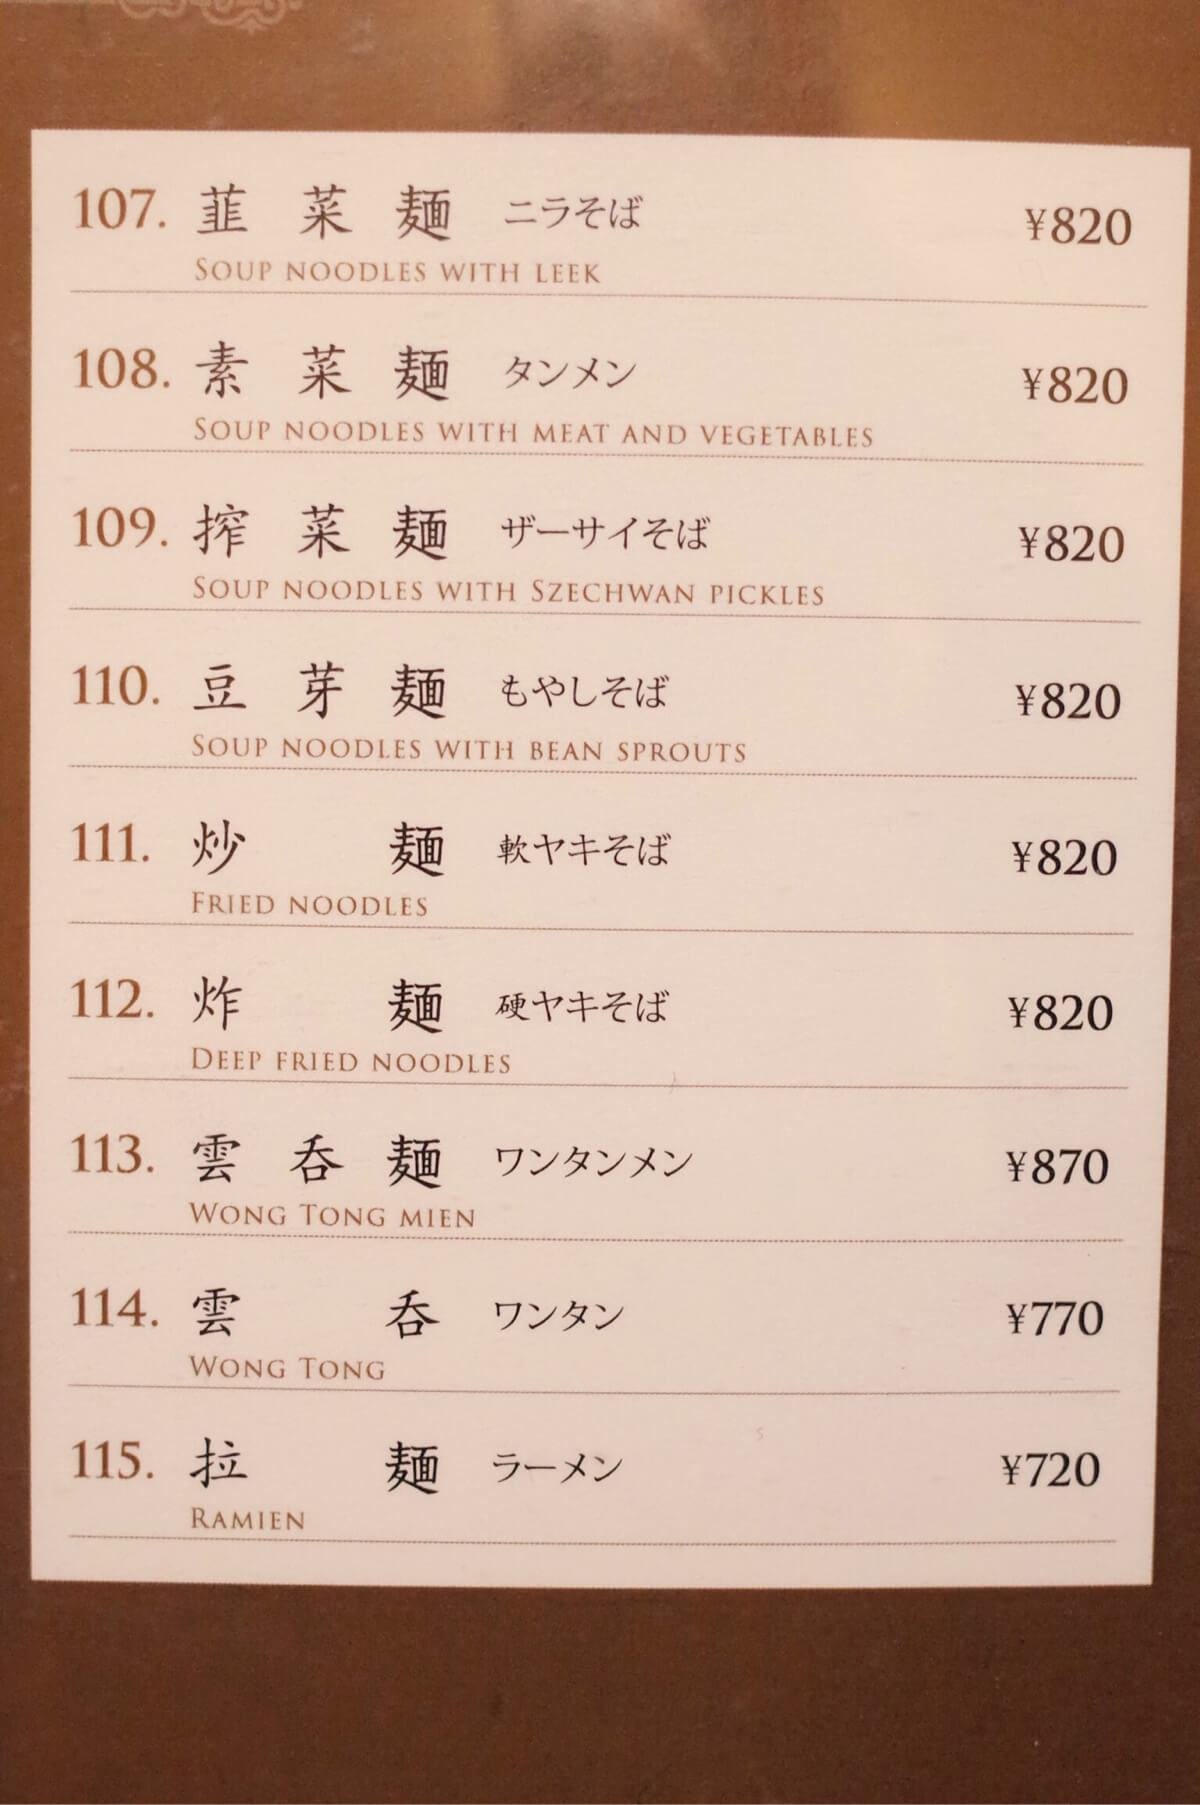 秦興楼 八重洲 ジャンボ餃子 東京駅 メニュー